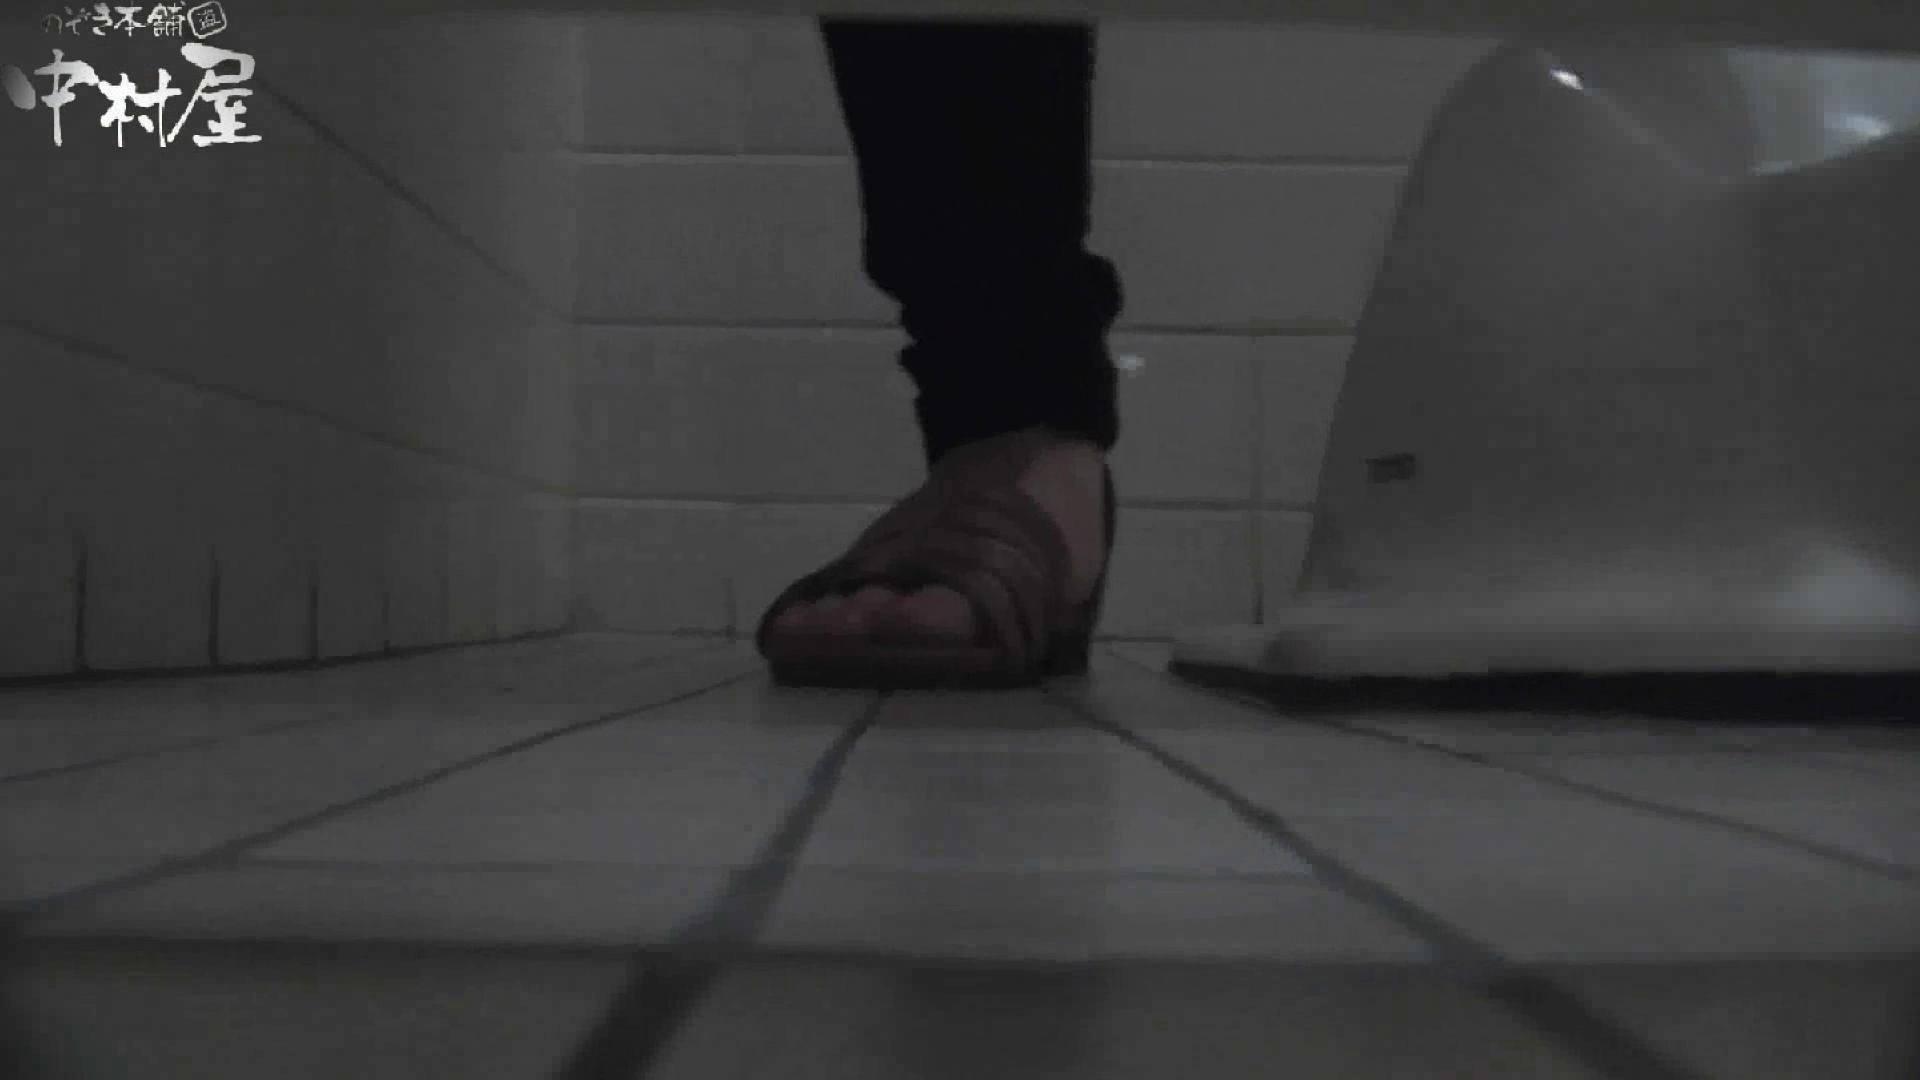 【お銀さんの「洗面所突入レポート!!」】お銀さんの「洗面所突入レポート!!」 vol.28小島陽菜似のピンクオシャレさん 洗面所編  94PIX 14